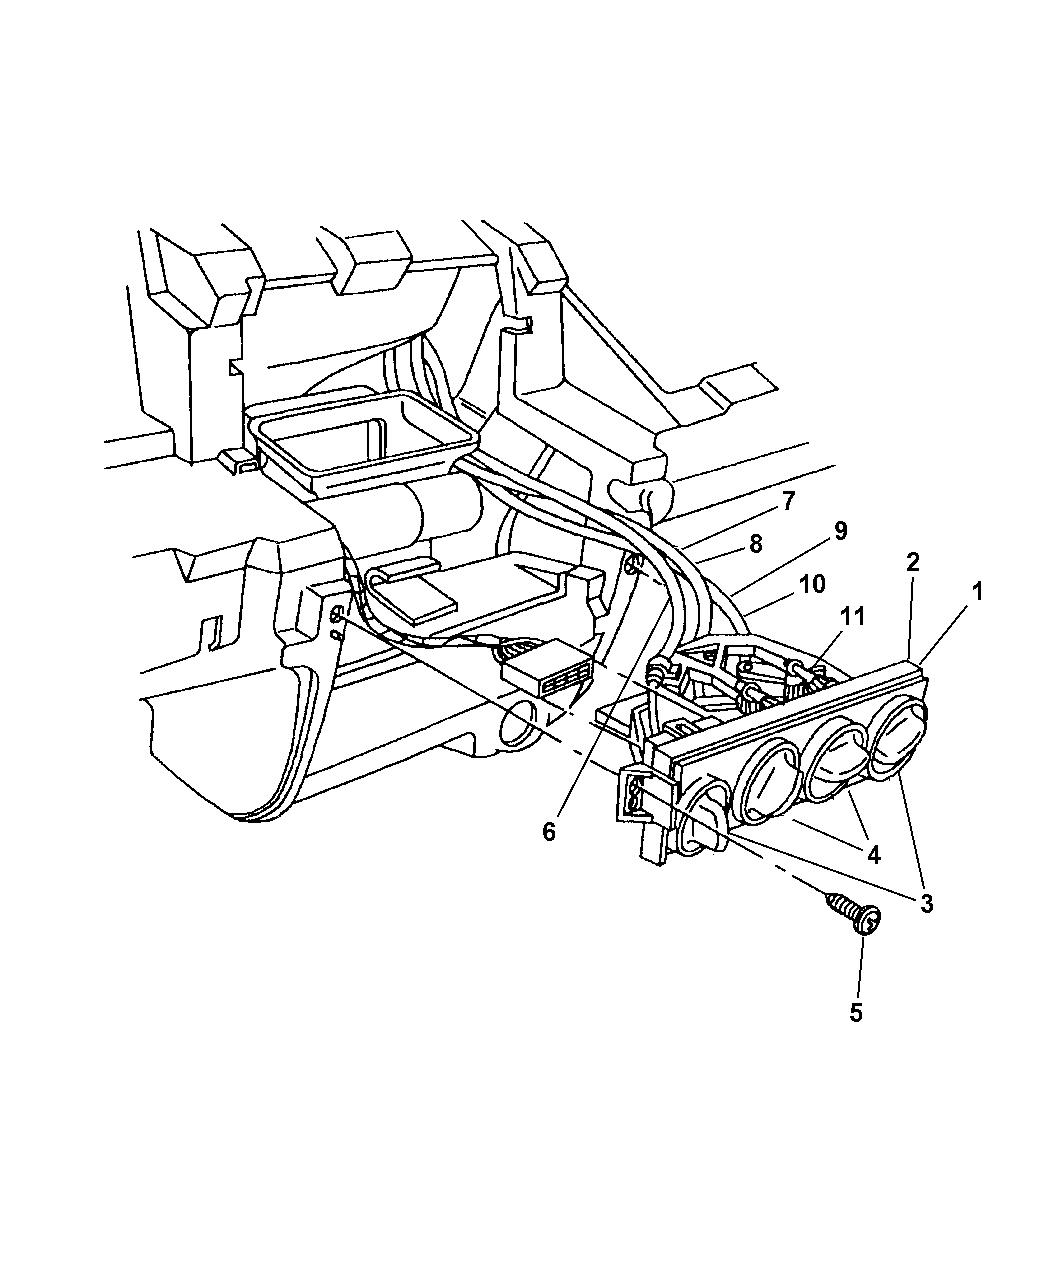 Resource T D Amp S L Amp R Ab C Ee C B Efd B E F C Fa Ff C Dca D C on 2005 Dodge Neon Engine Diagram